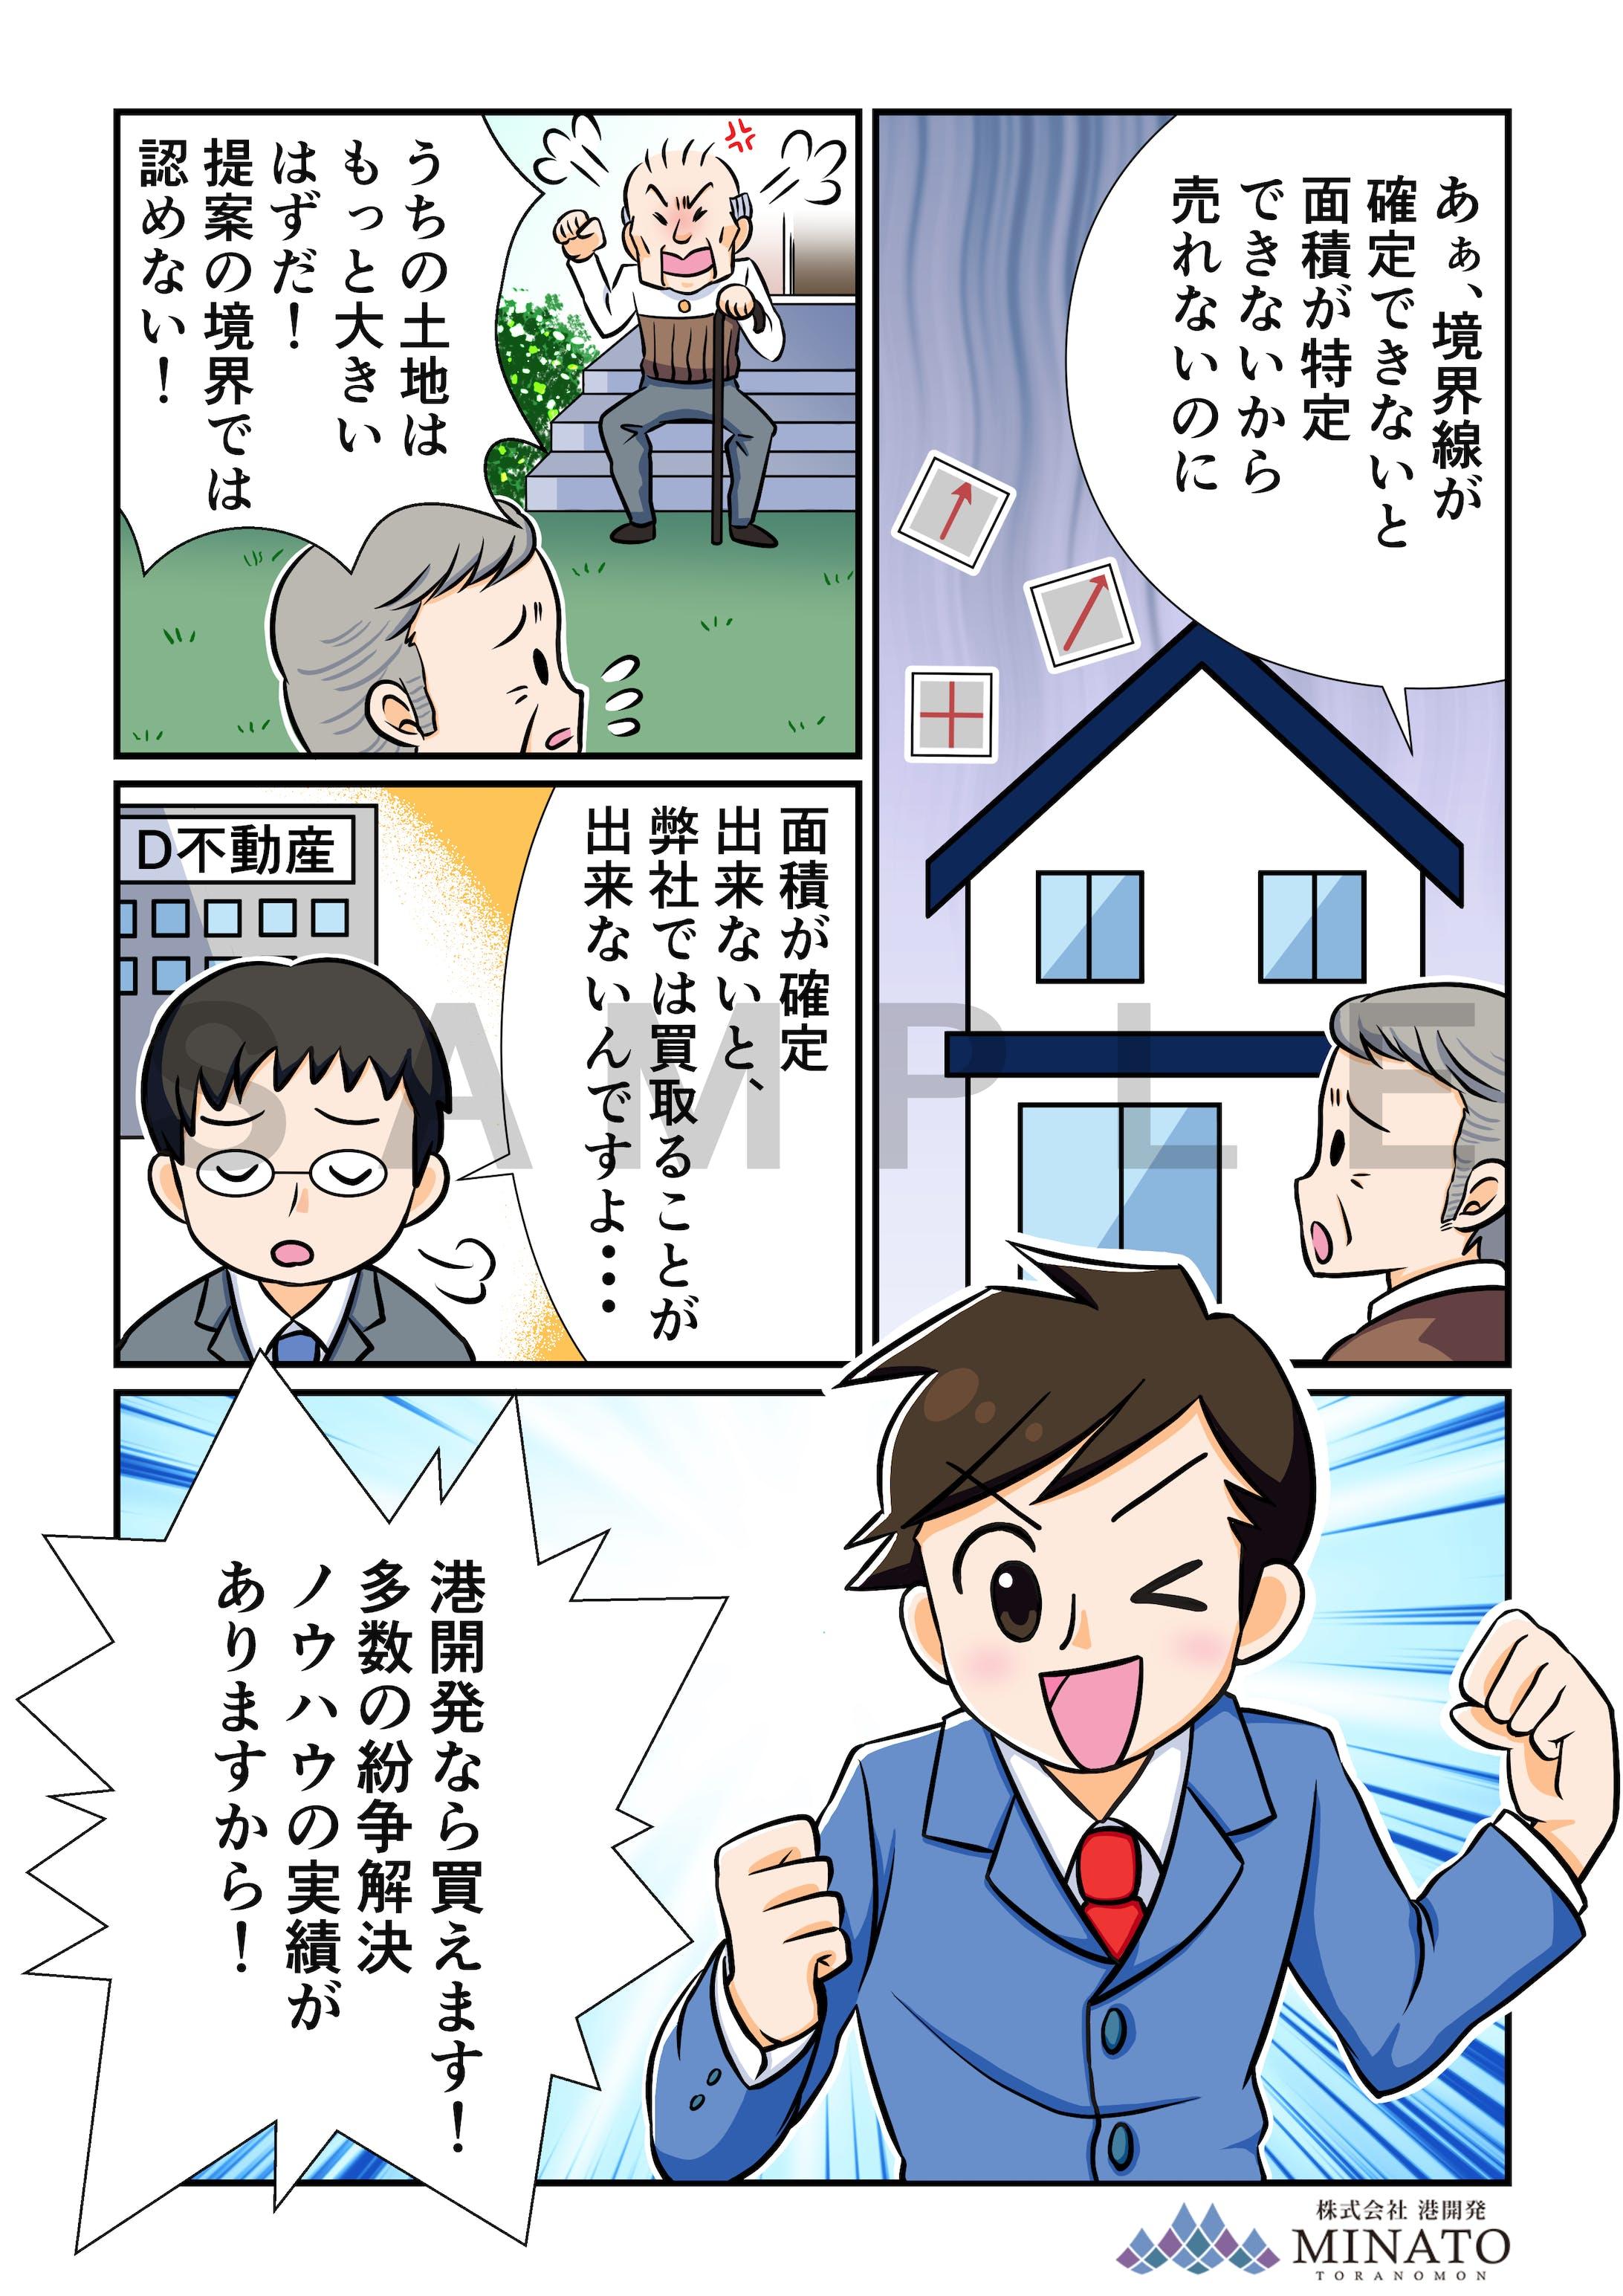 【漫画LP】-4